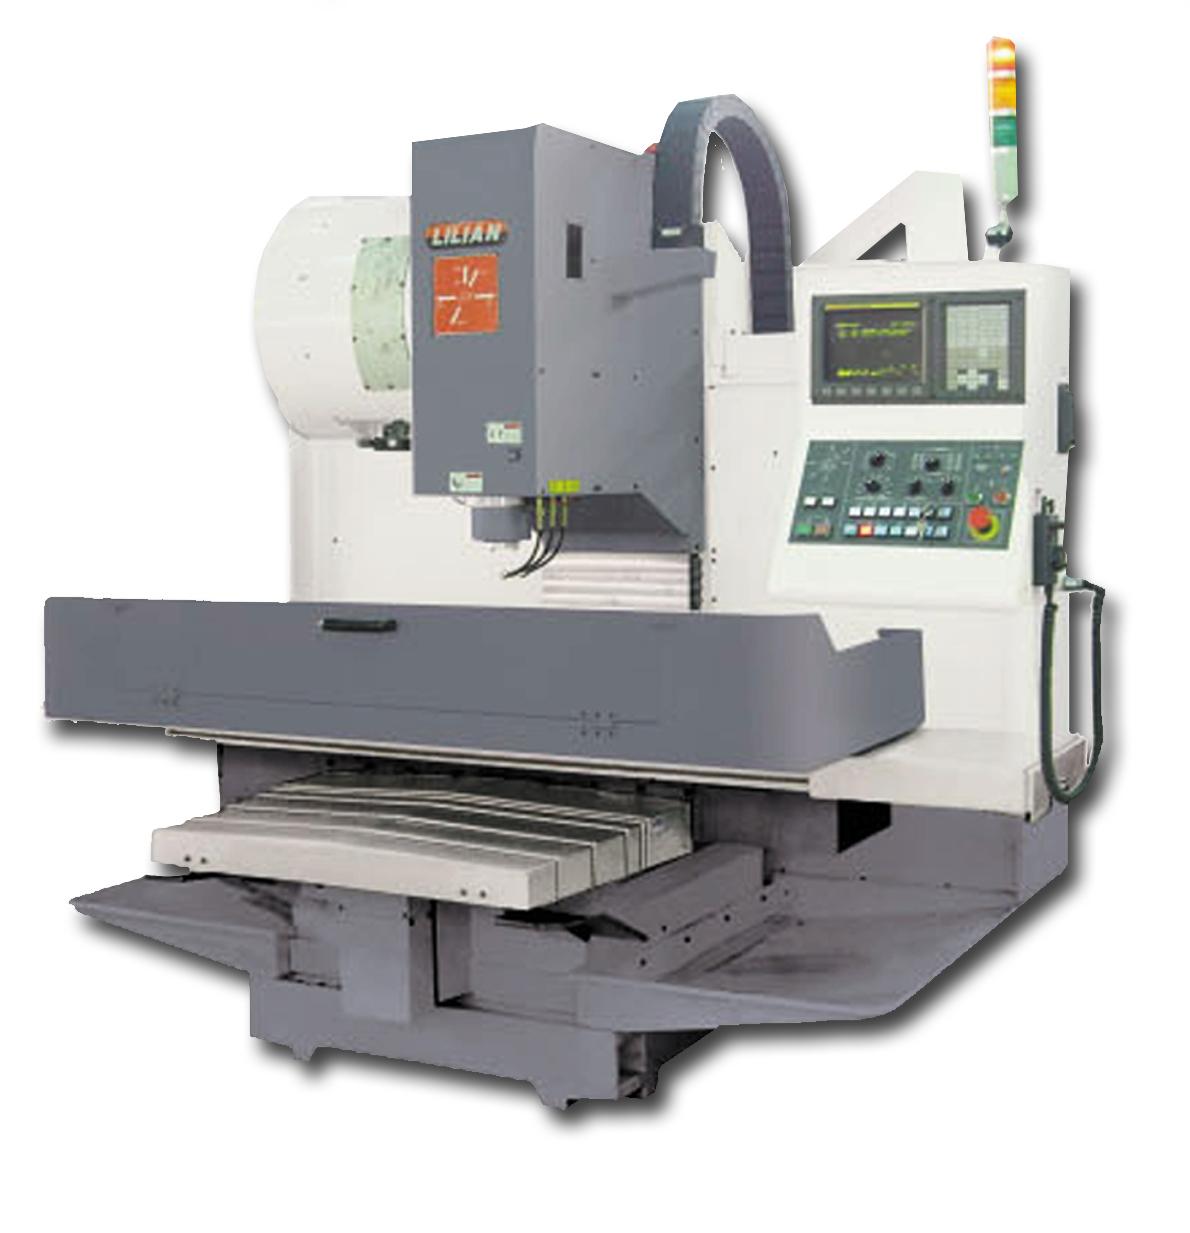 cnc machine description